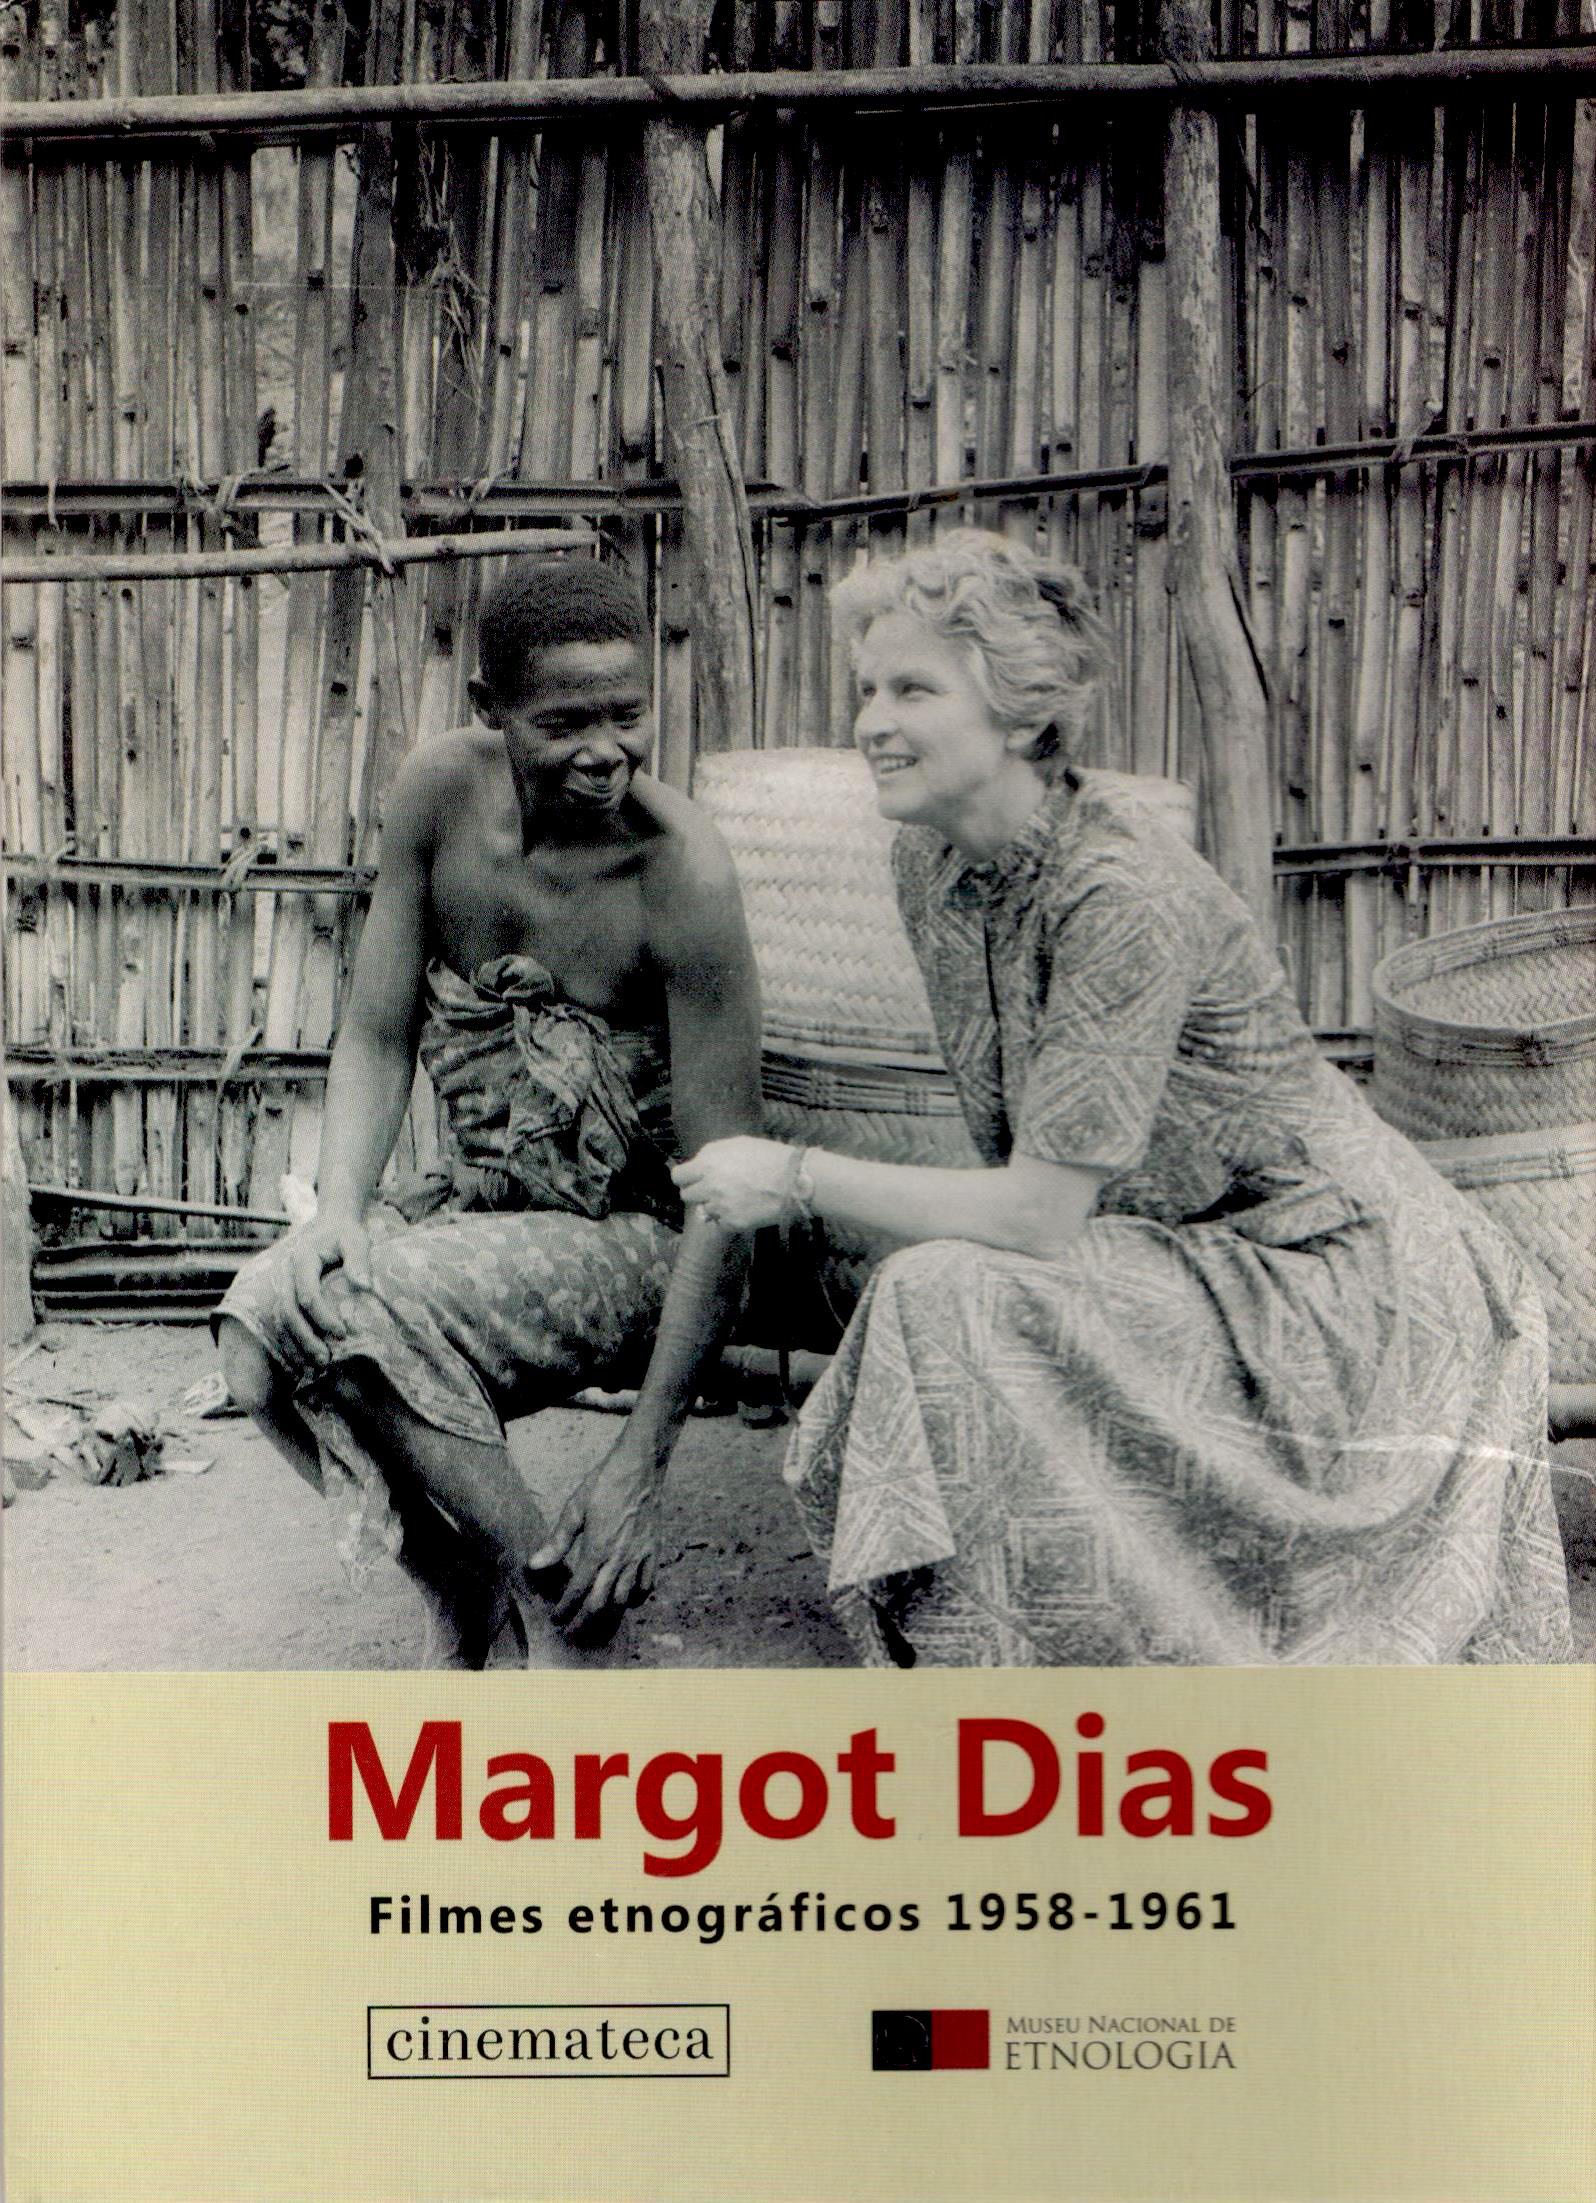 Margot Dias